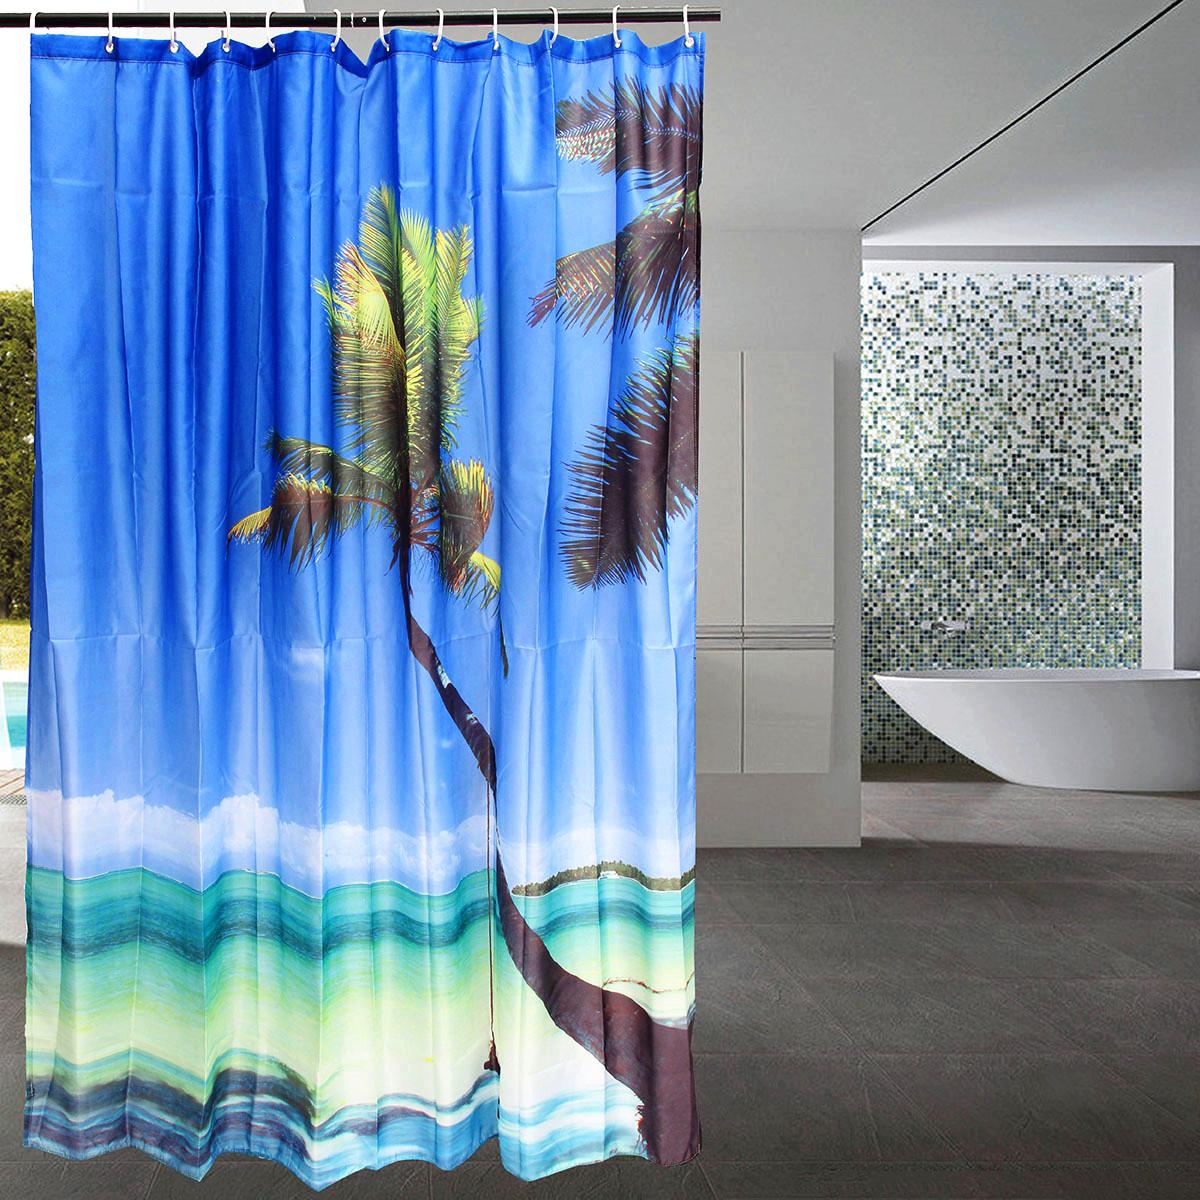 3d salle de bain rideau douche plage mer arbre paysage 12. Black Bedroom Furniture Sets. Home Design Ideas